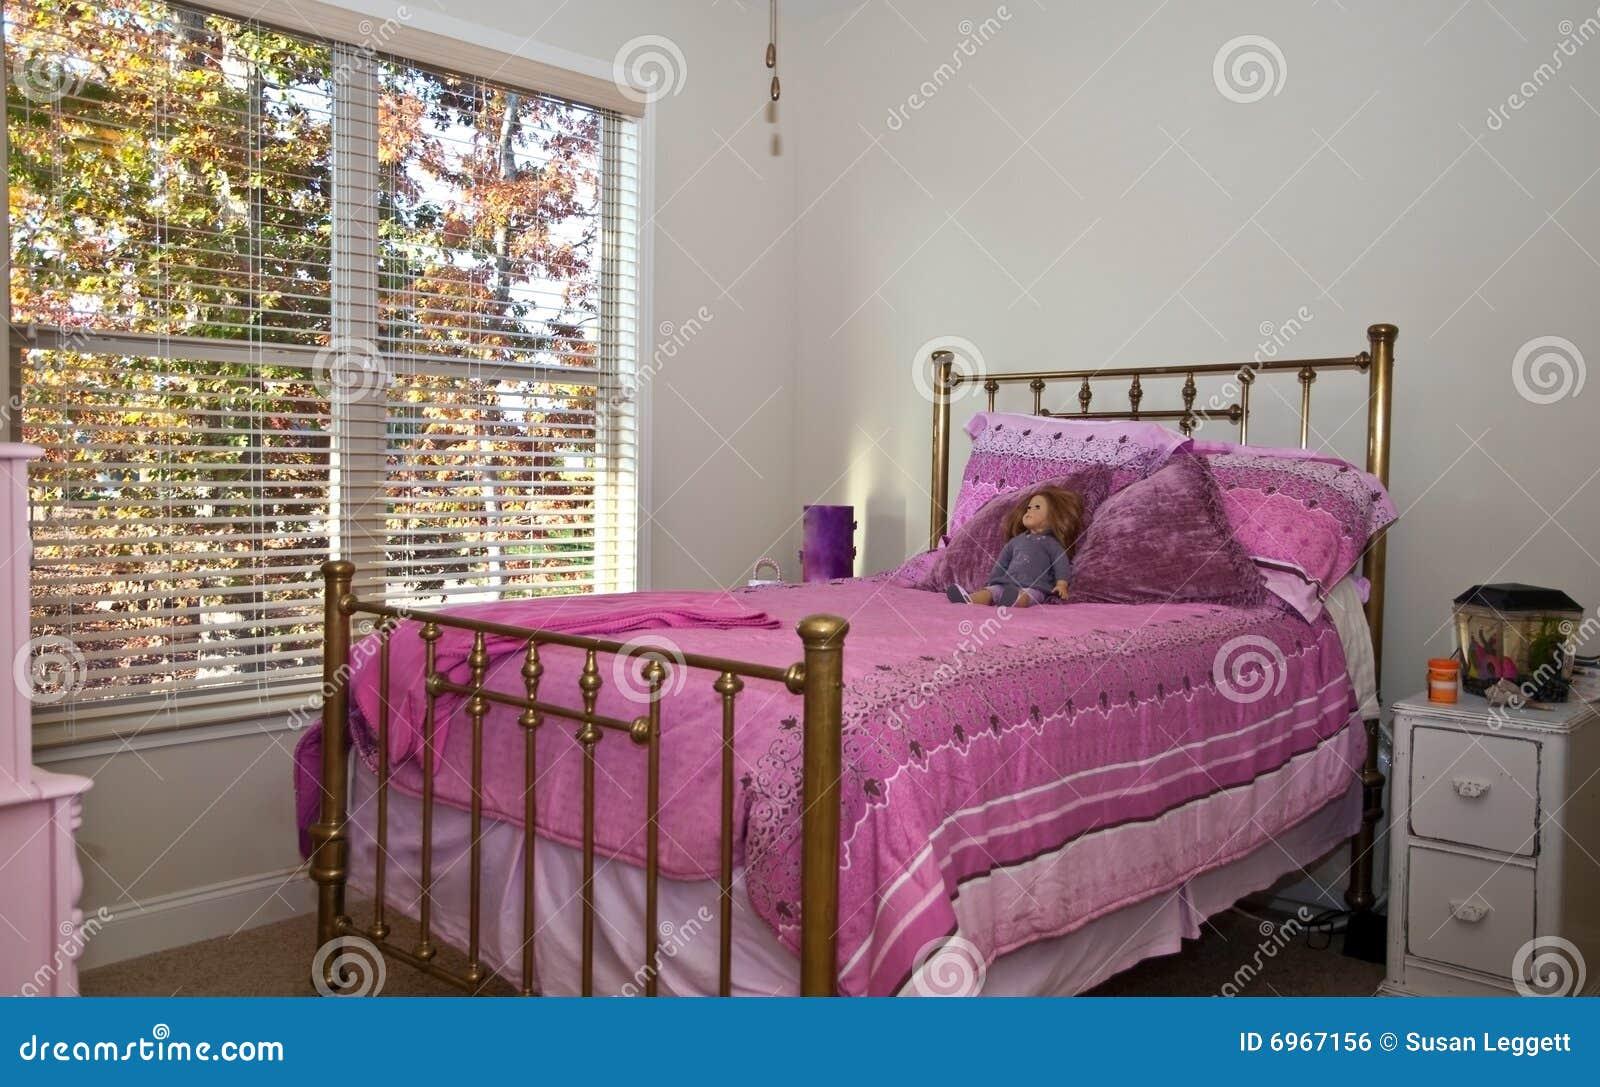 De slaapkamer van meisjes royalty vrije stock afbeelding afbeelding 6967156 - Cabine slaapkamer meisje ...